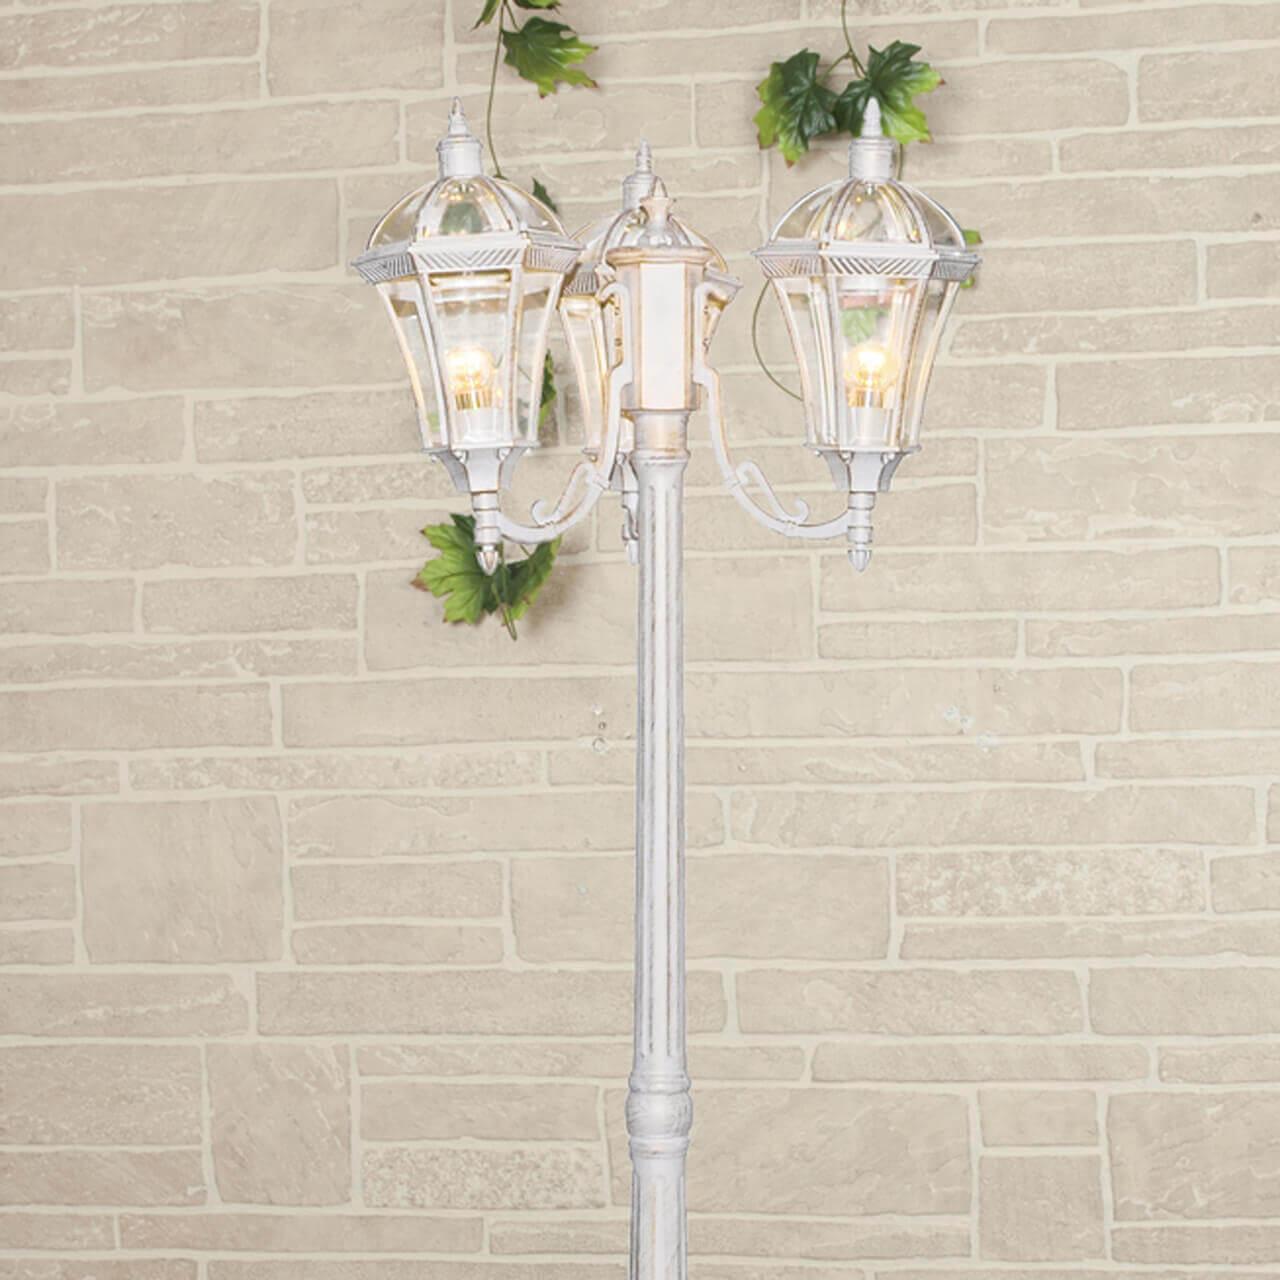 Садово-парковый светильник Elektrostandard Capella F/3 белое золото 4690389082412 цена в Москве и Питере